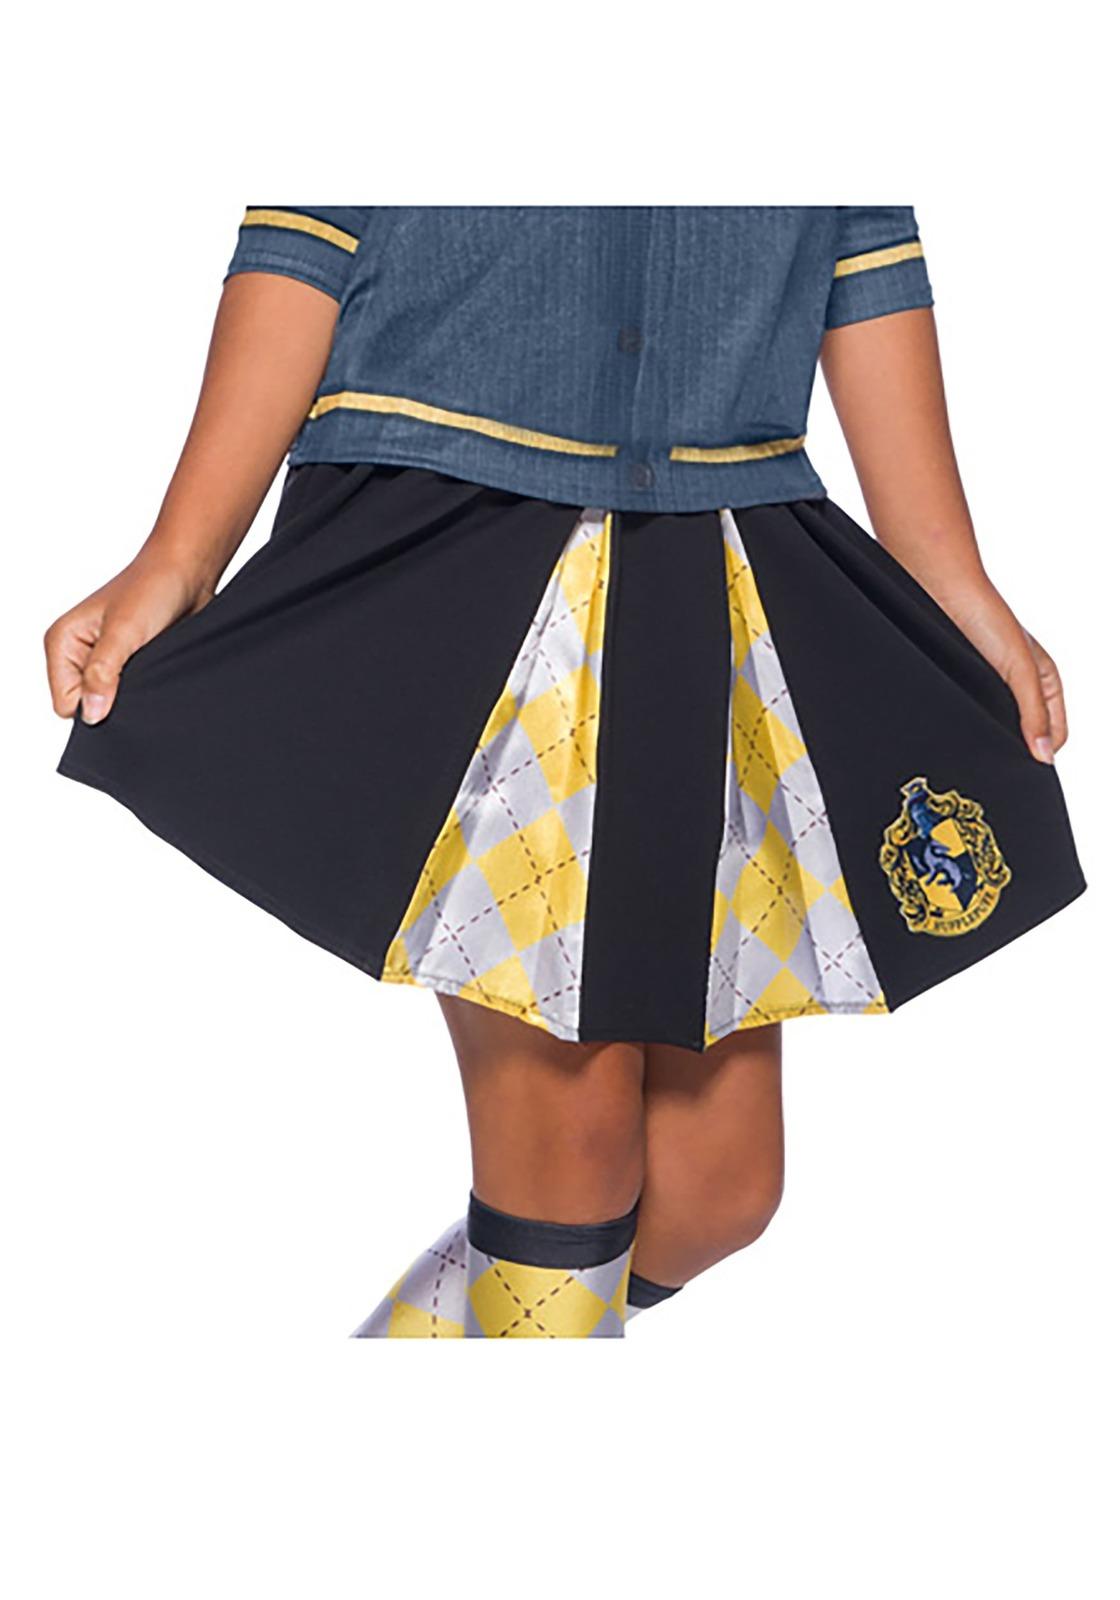 Harry Potter Hufflepuff Skirt - One Size image